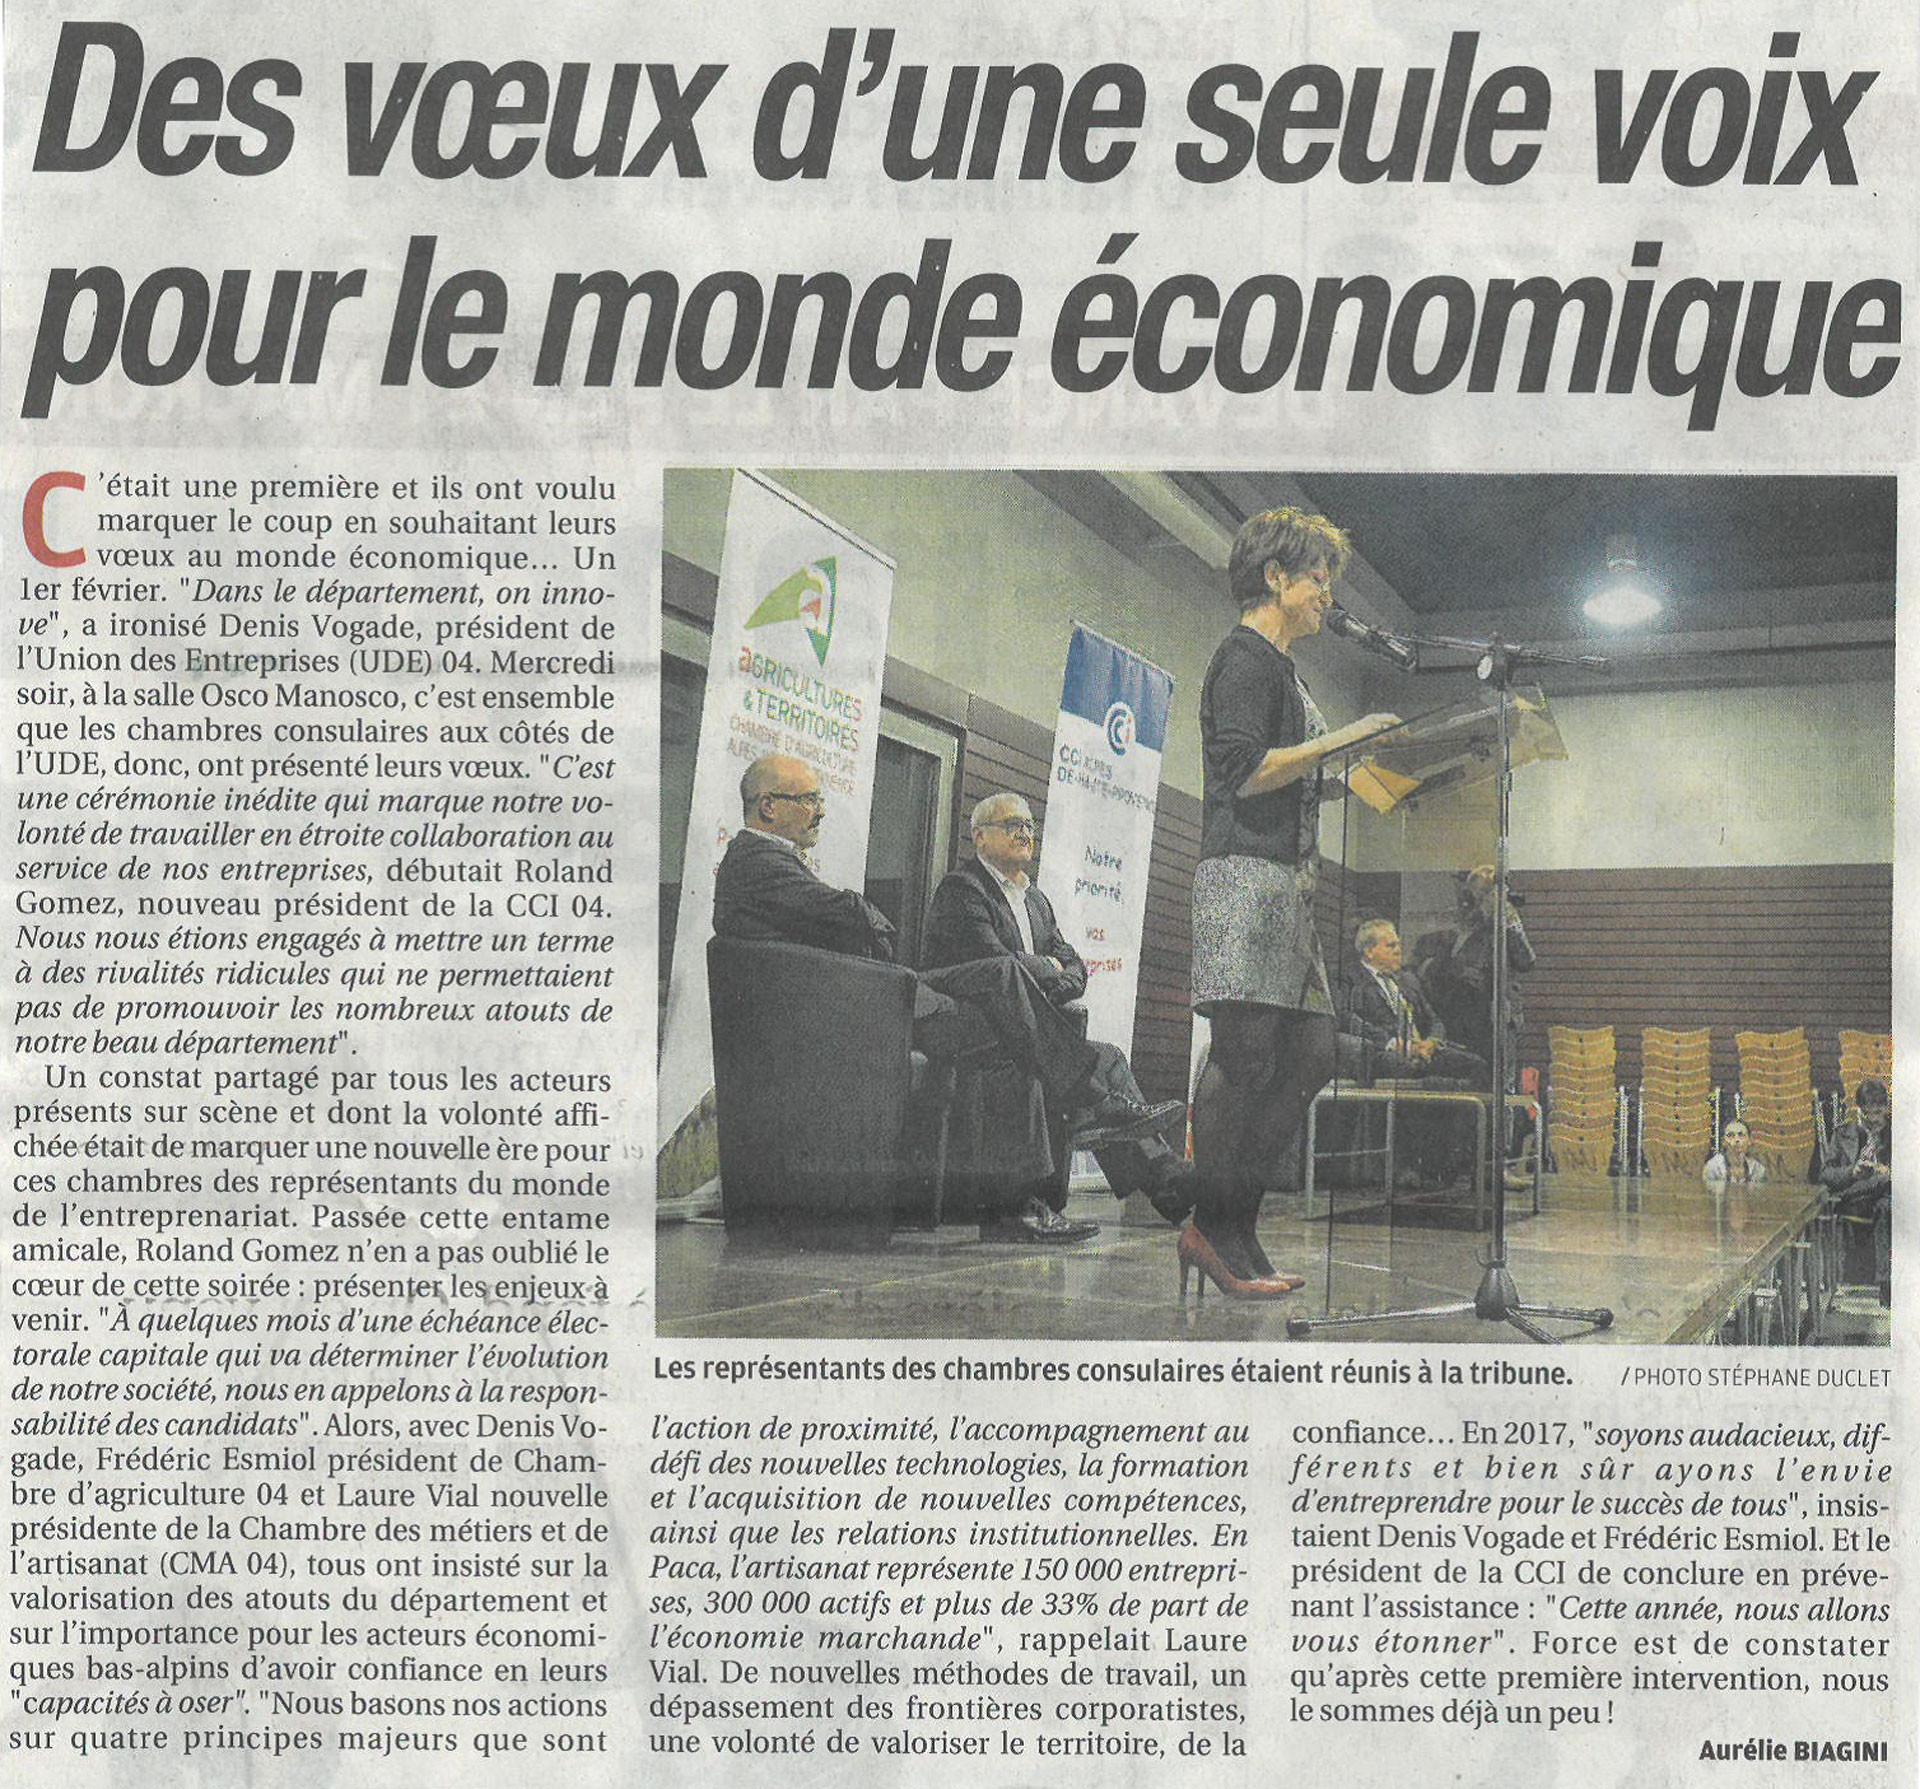 Revue de presse UDE 04